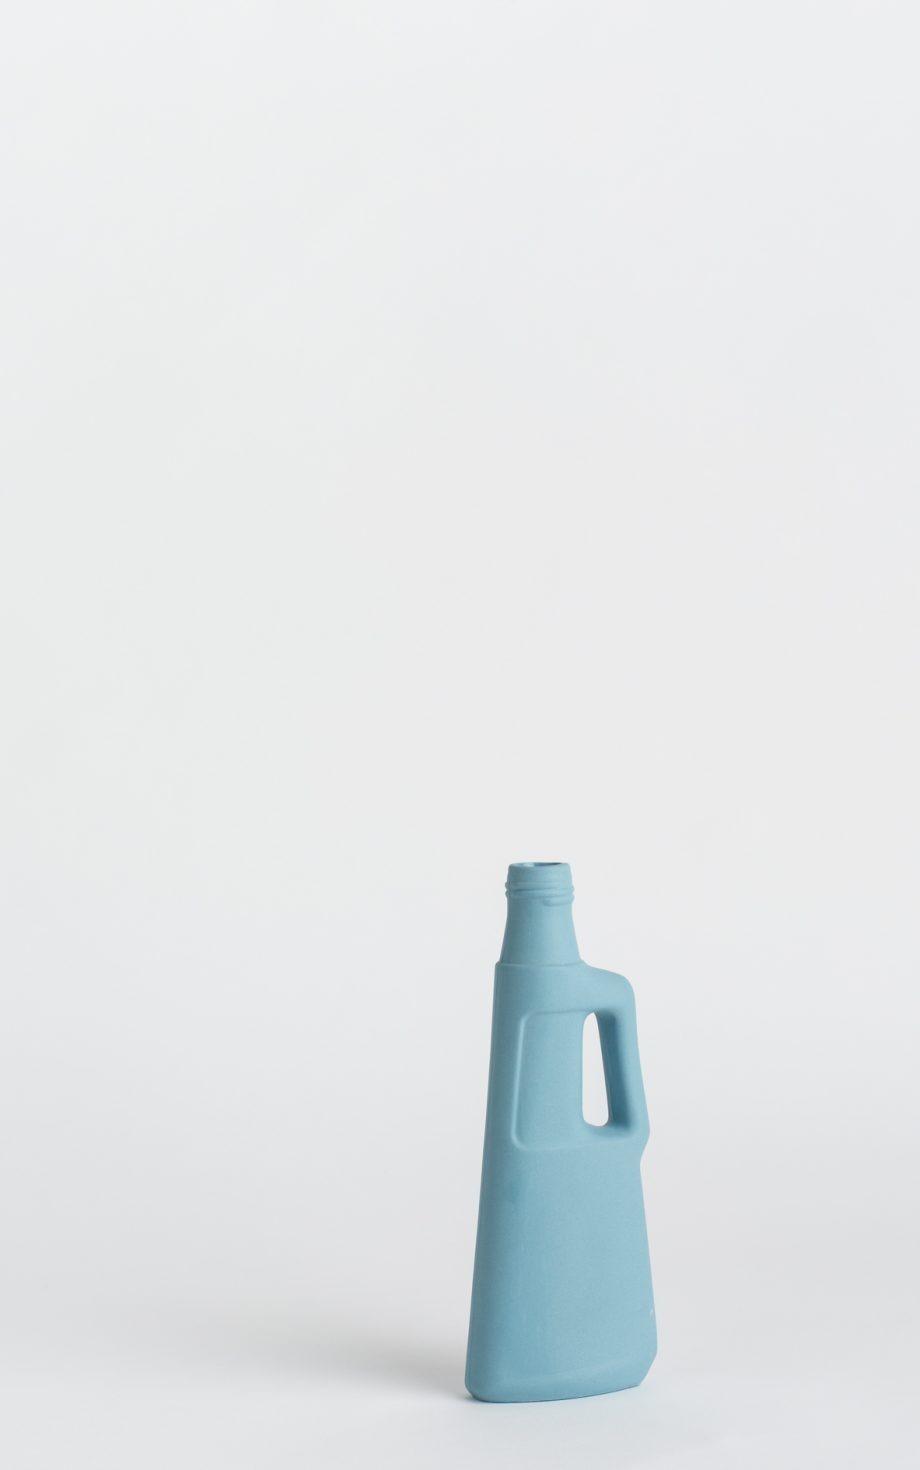 bottle vase #9 light blue